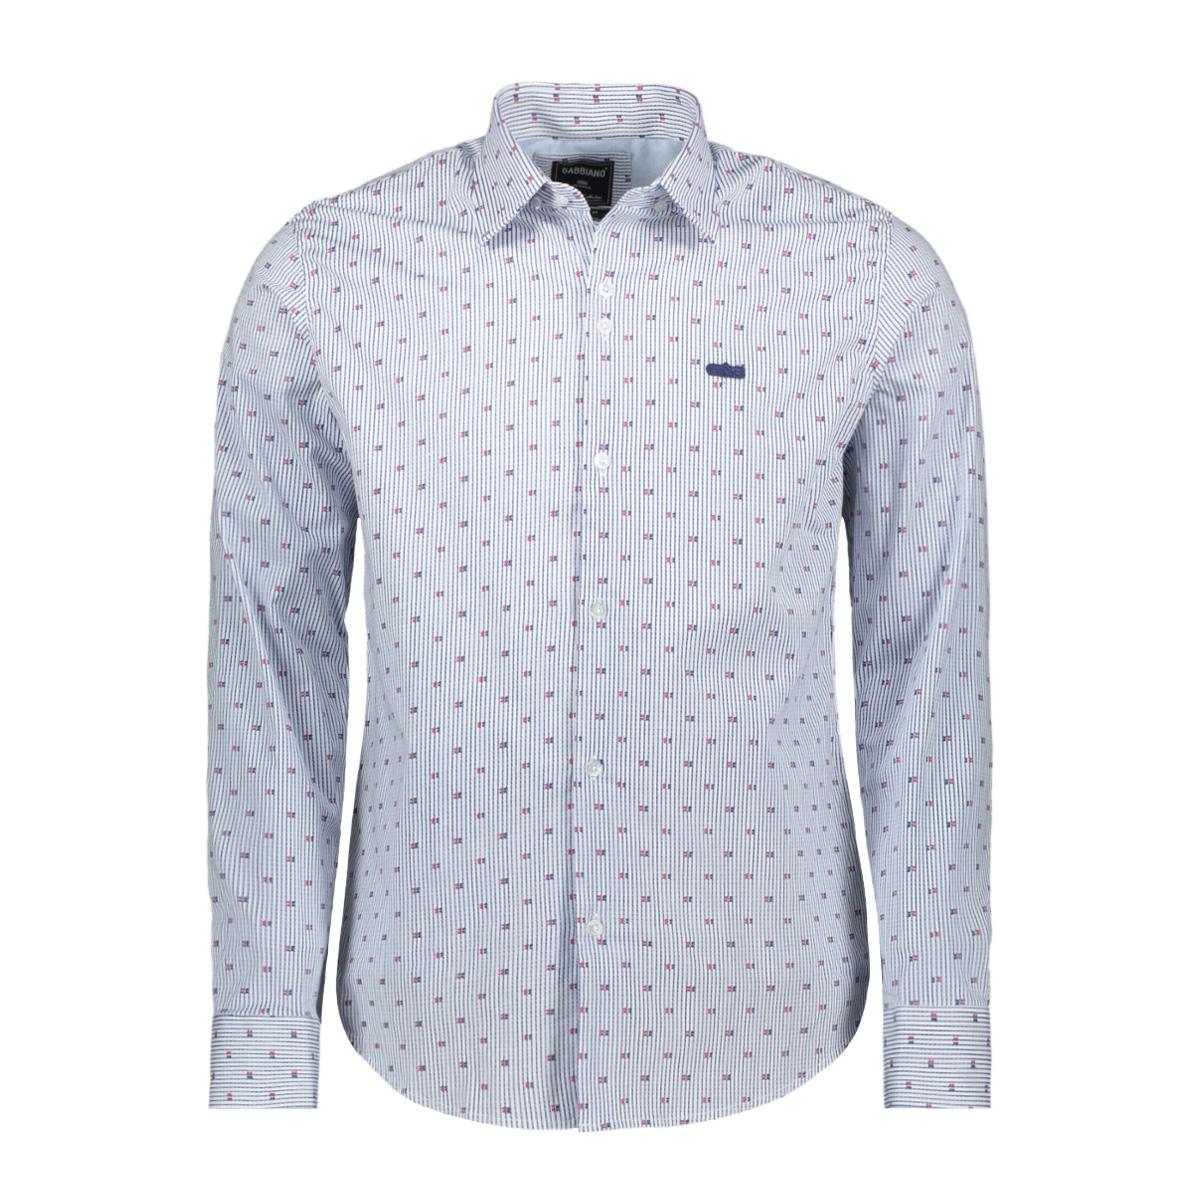 32591 gabbiano overhemd v1